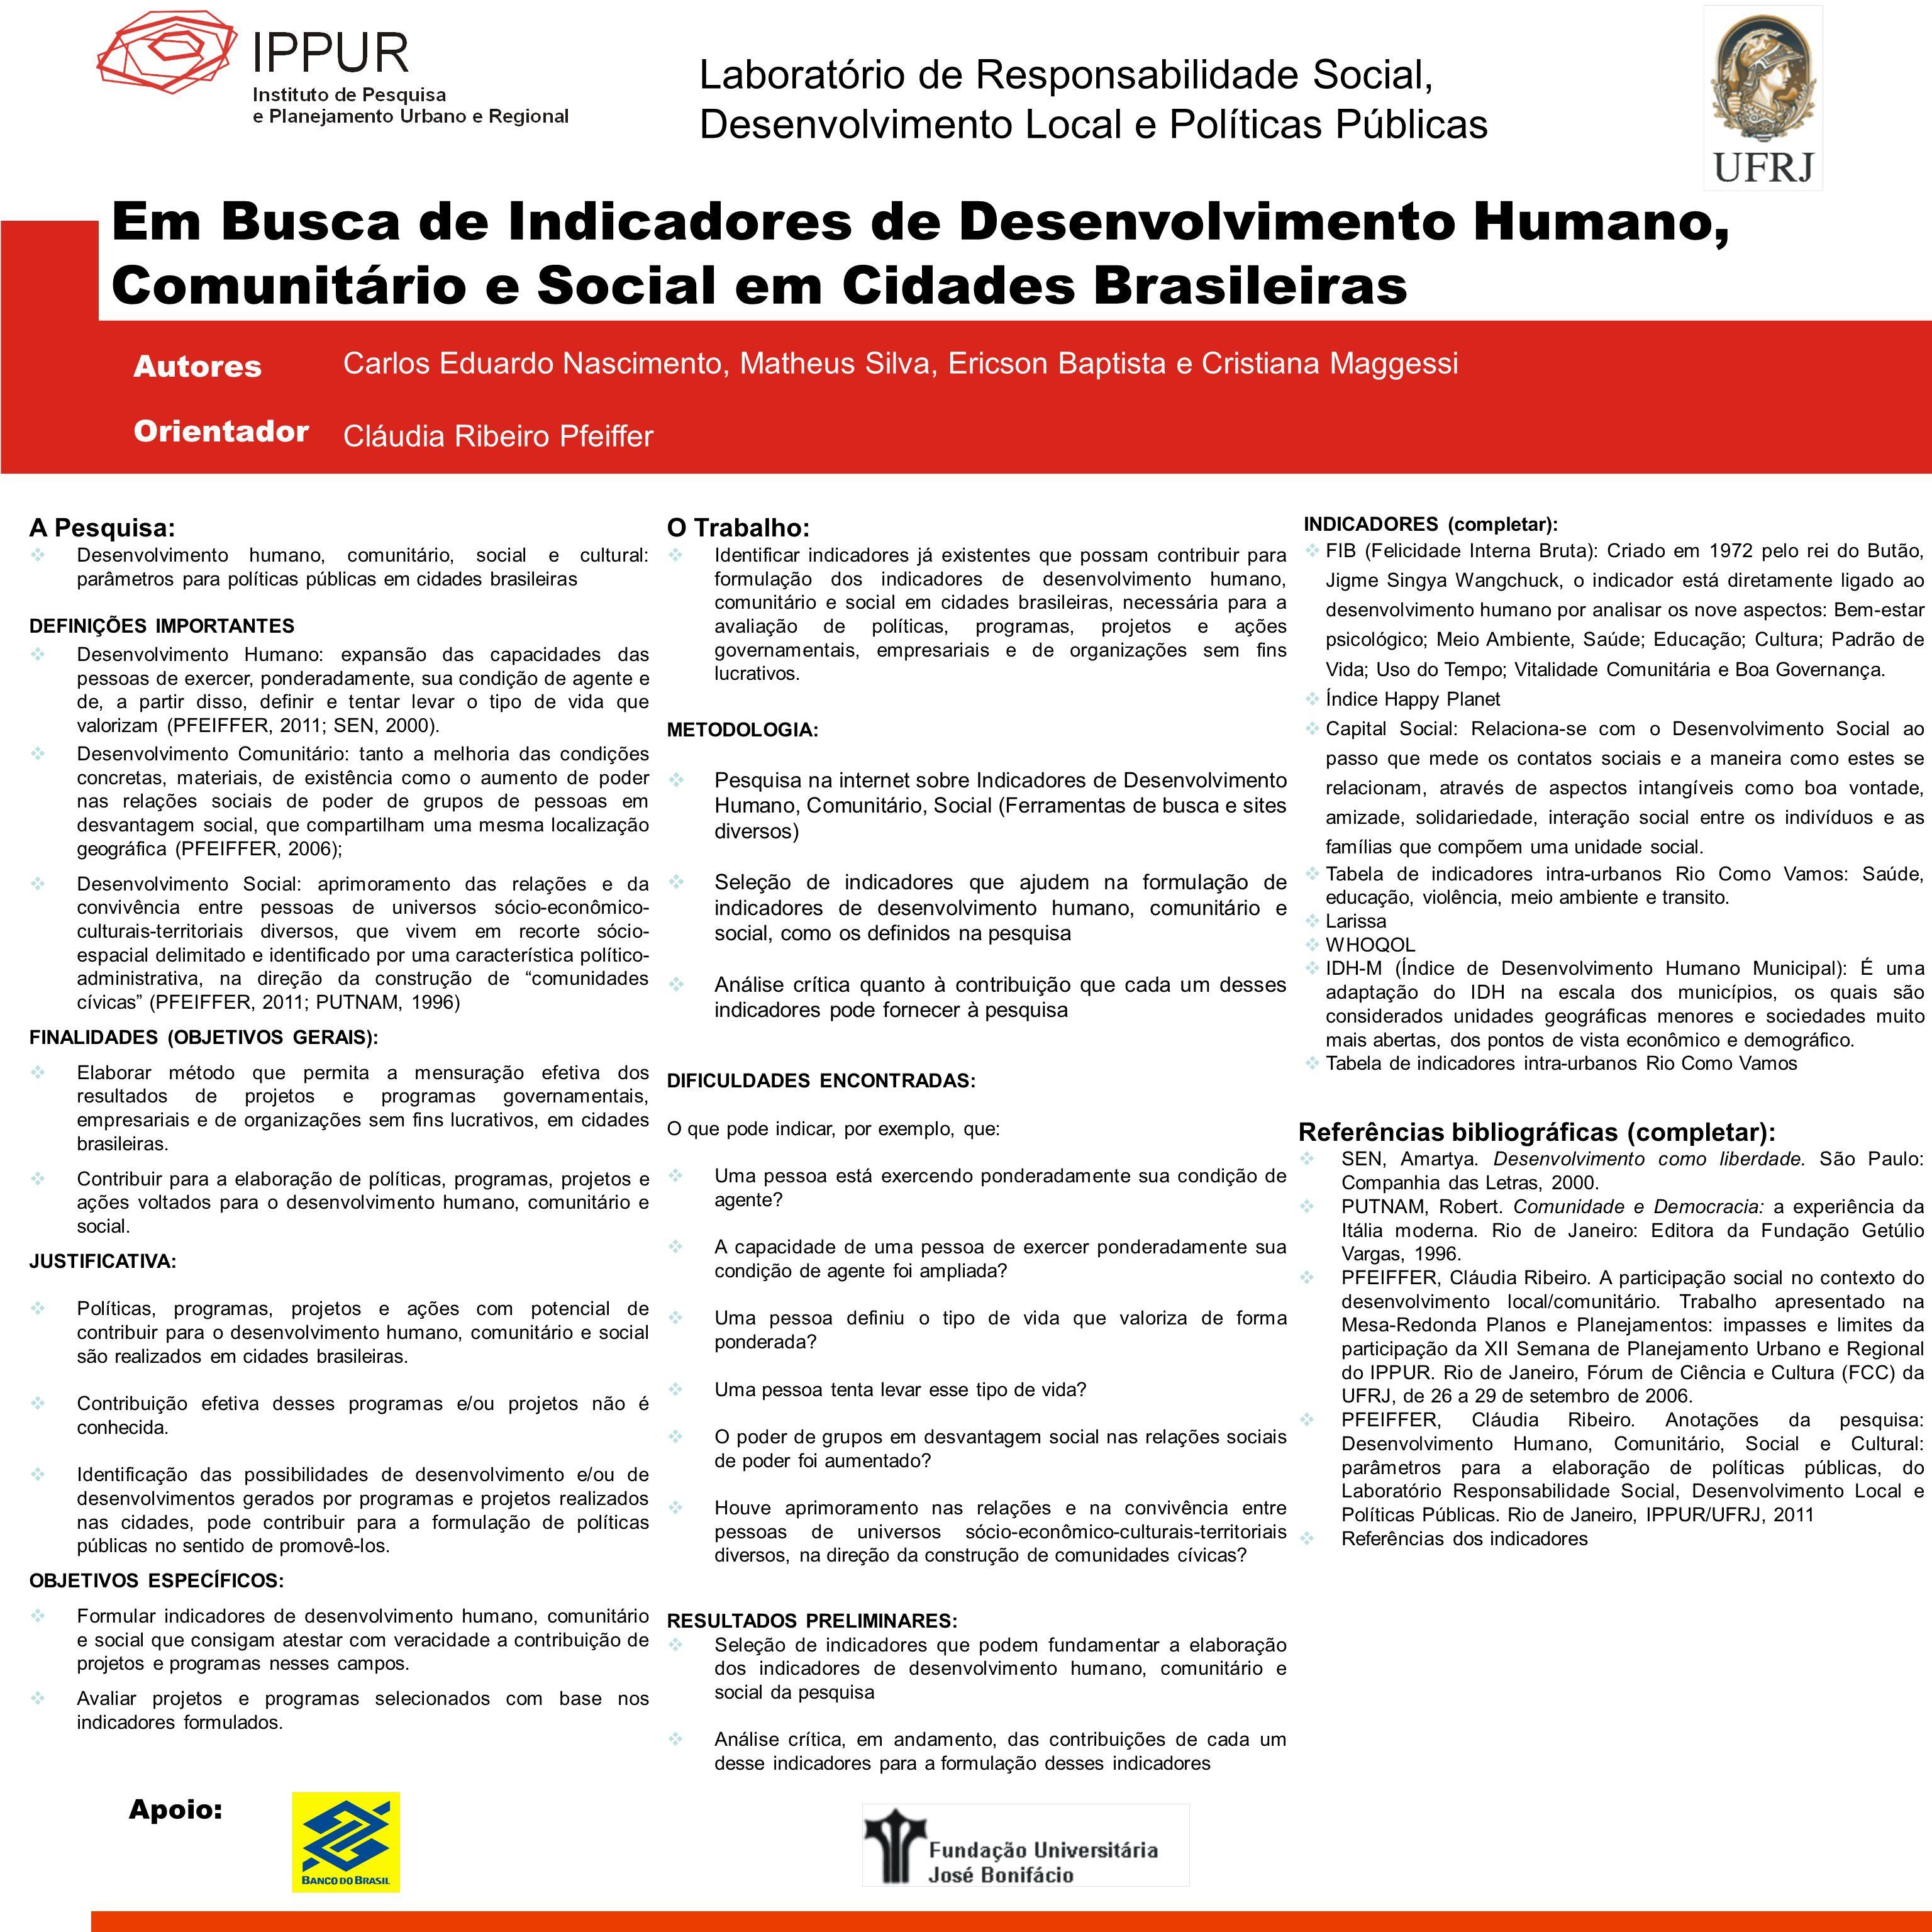 Laboratório de Responsabilidade Social, Desenvolvimento Local e Políticas Públicas